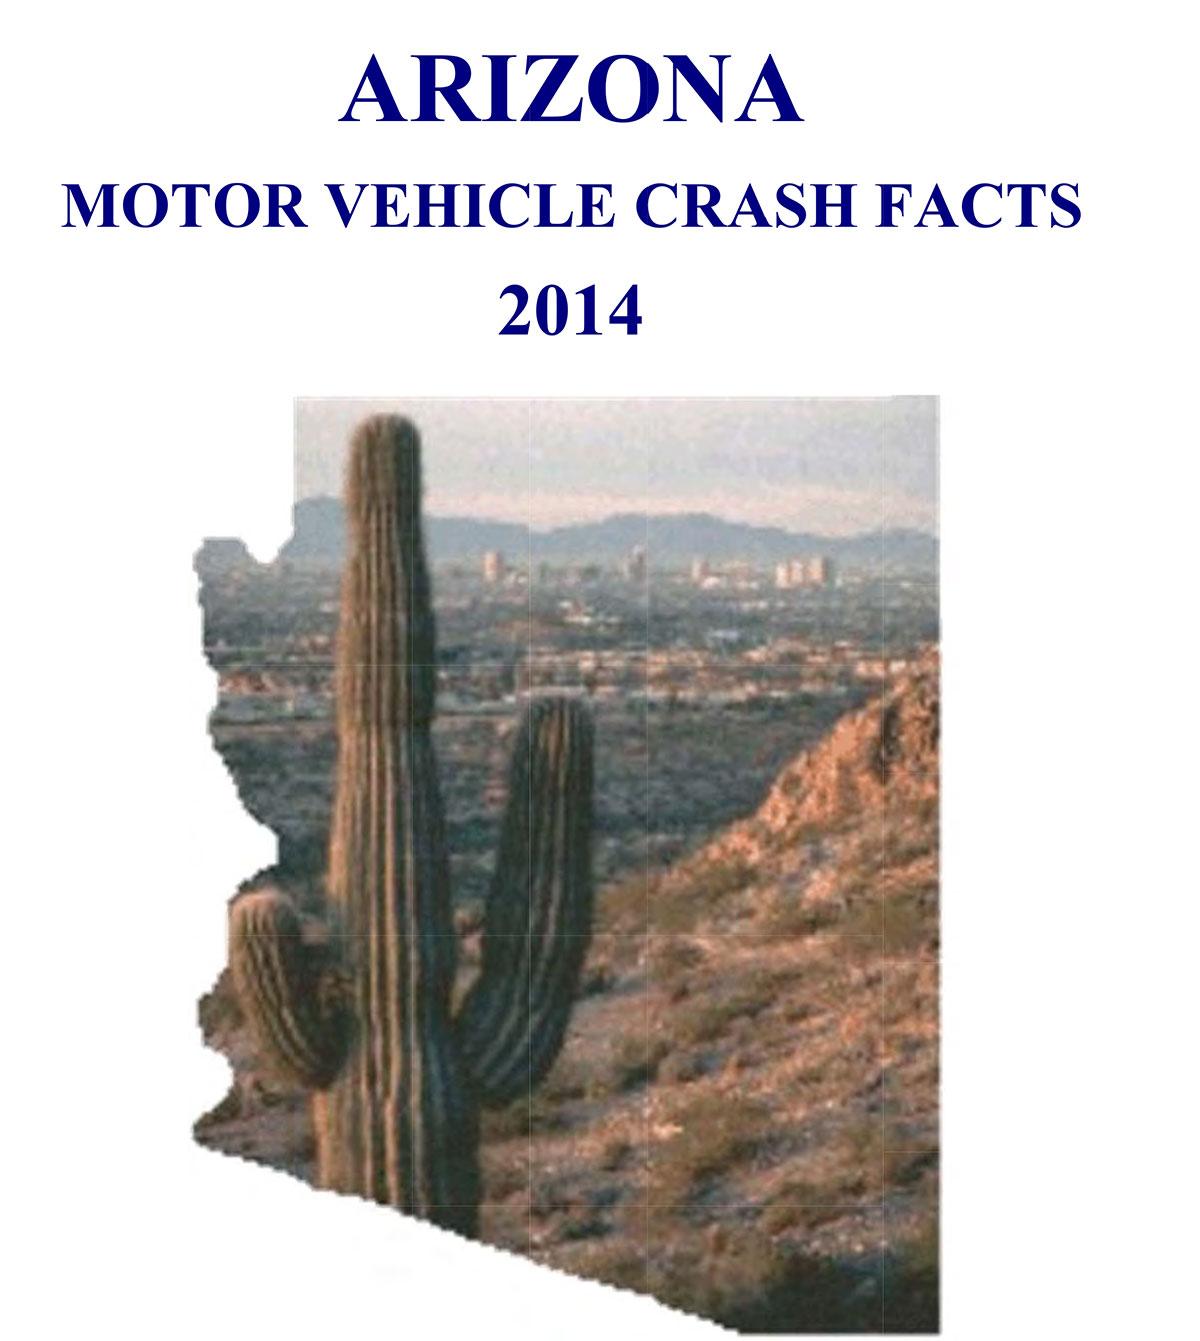 2014 Arizona Motor Vehicle Crash Facts